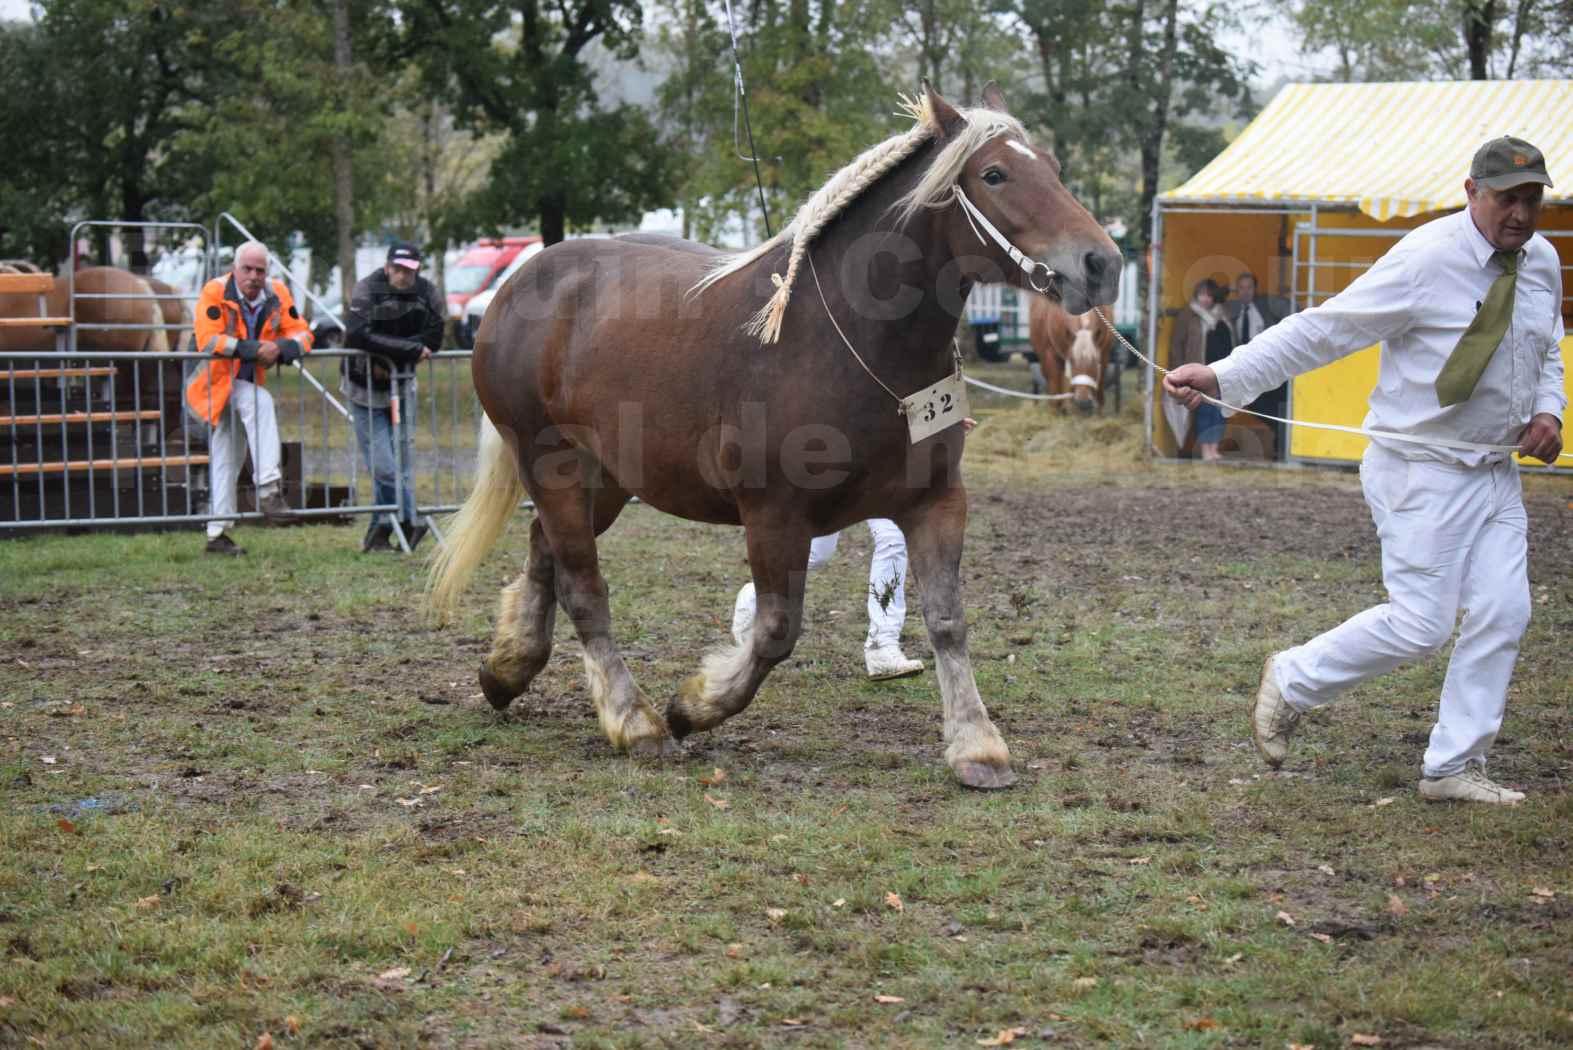 Concours Régional de chevaux de traits en 2017 - Pouliche Trait COMTOIS - ECLIPCE DE PIGASSOU - 15